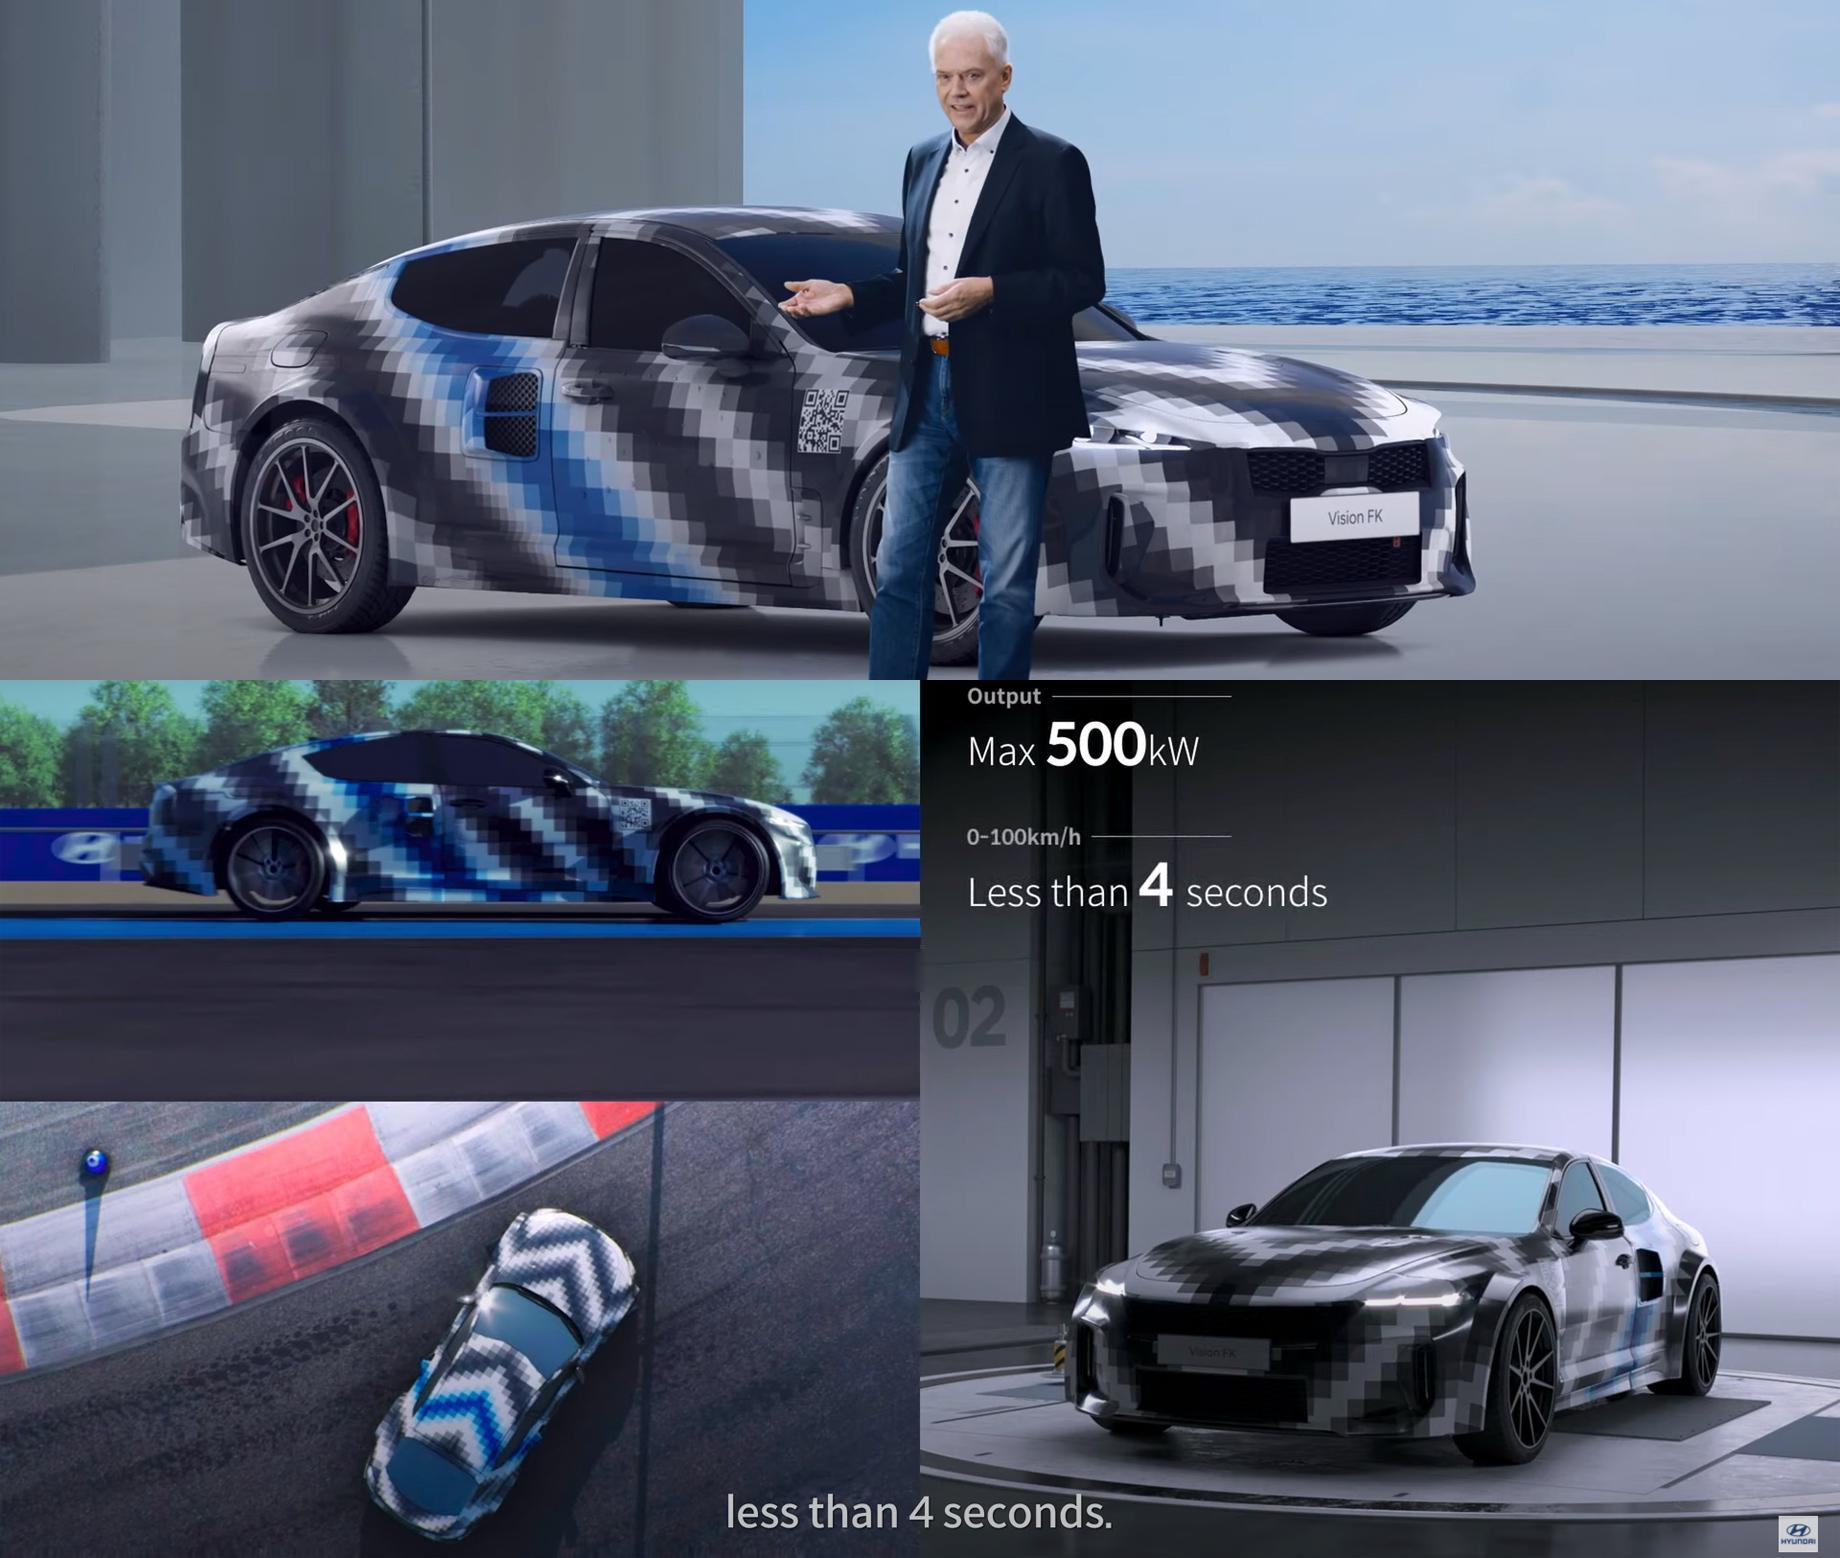 Автогігант Hyundai оголосив про план досягнення вуглецевої нейтральності в продуктах та операціях